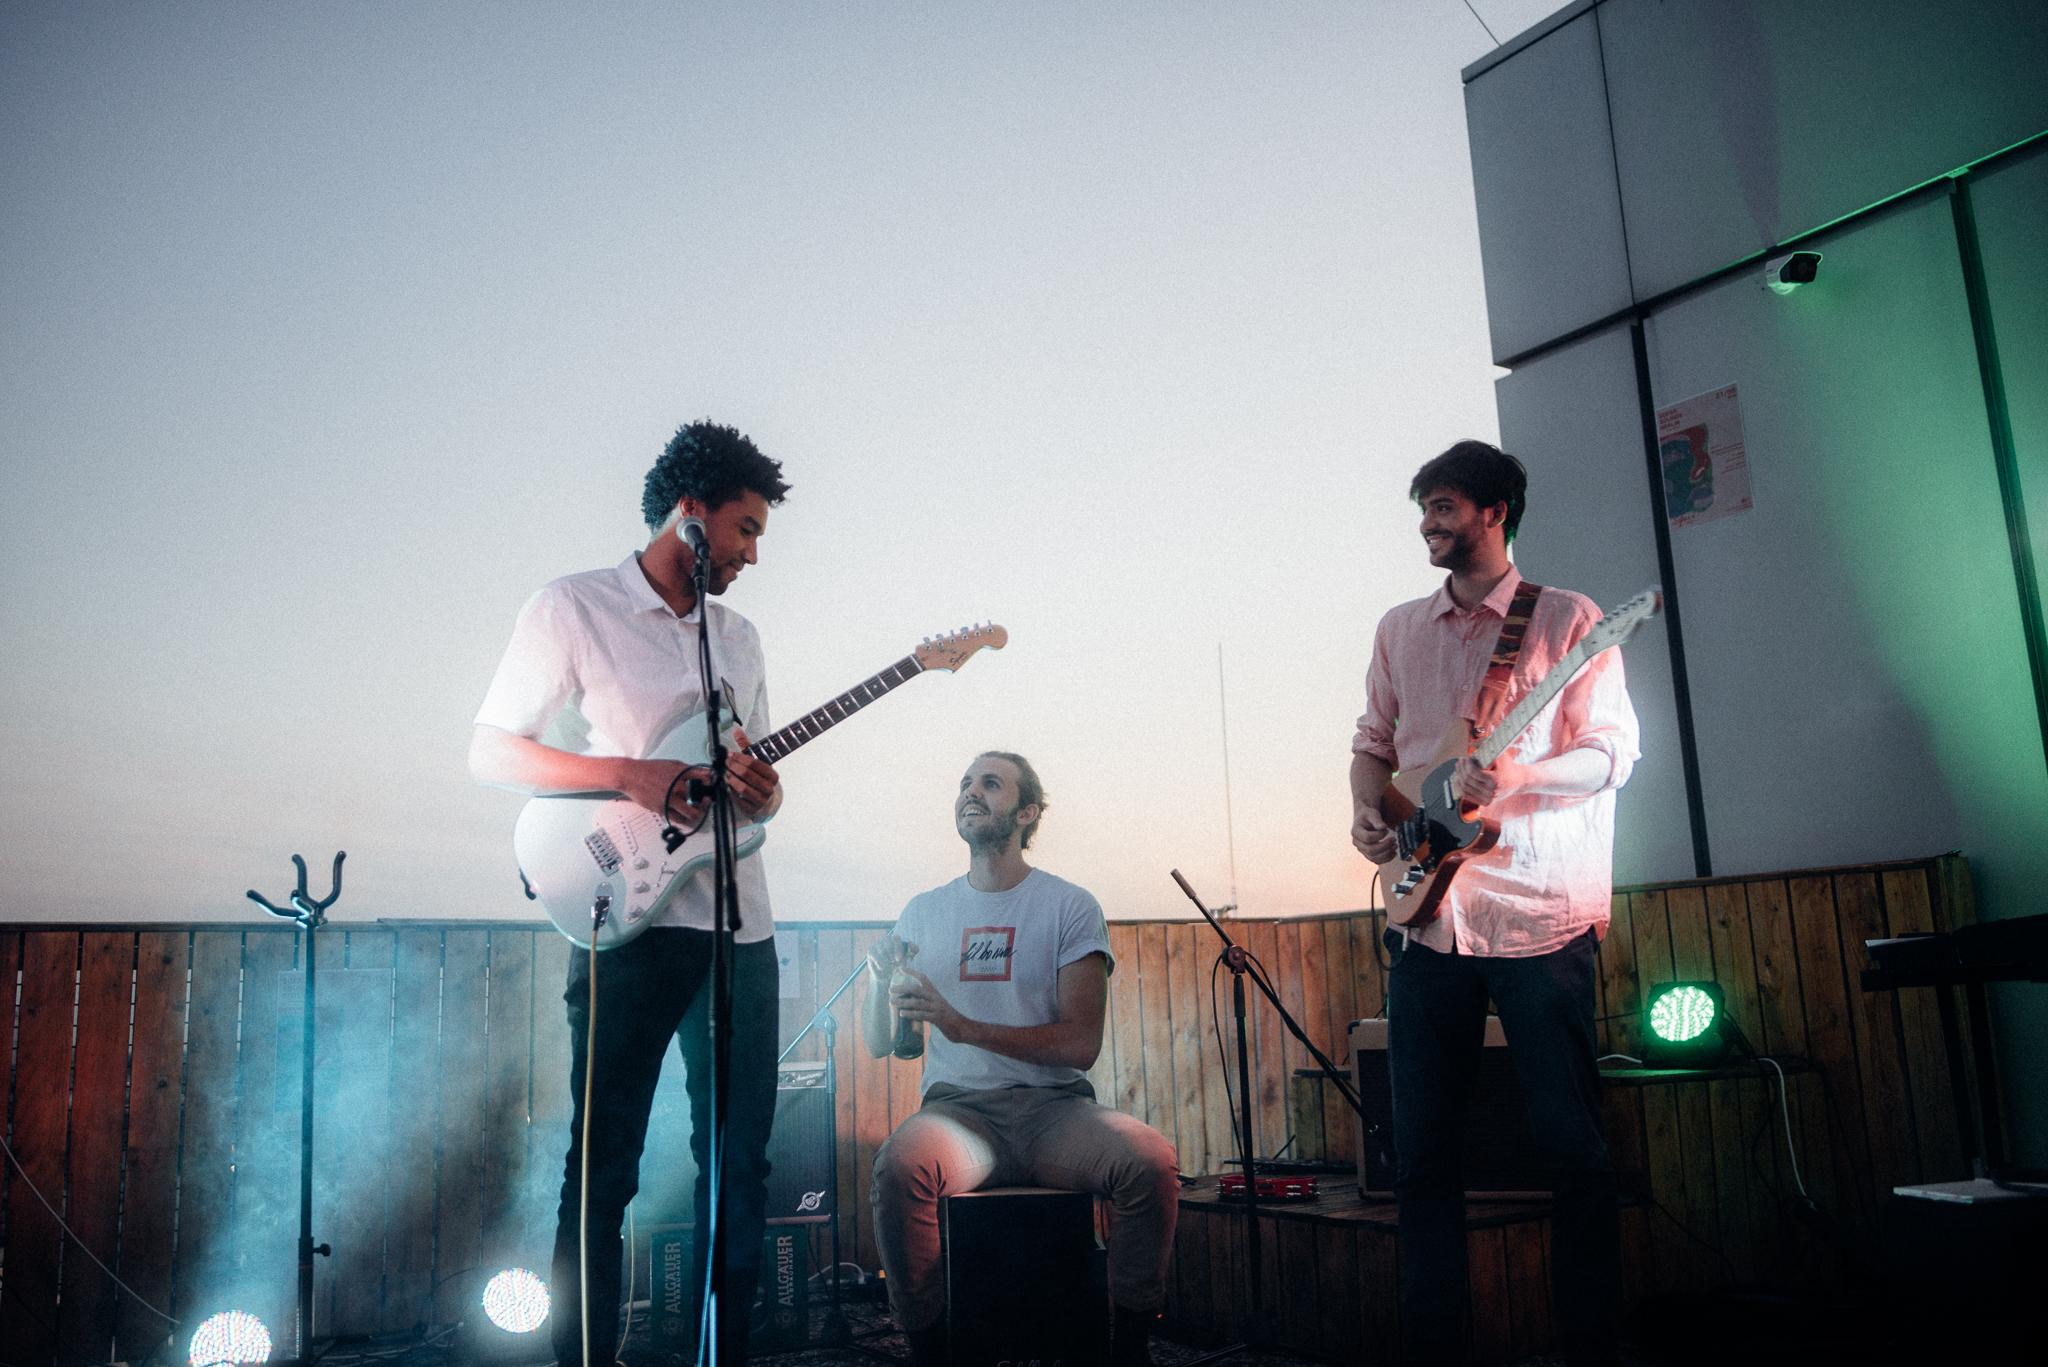 Prismala - groupe berlinois - KAO Magazine webzine et blog de musique émergente indépendante